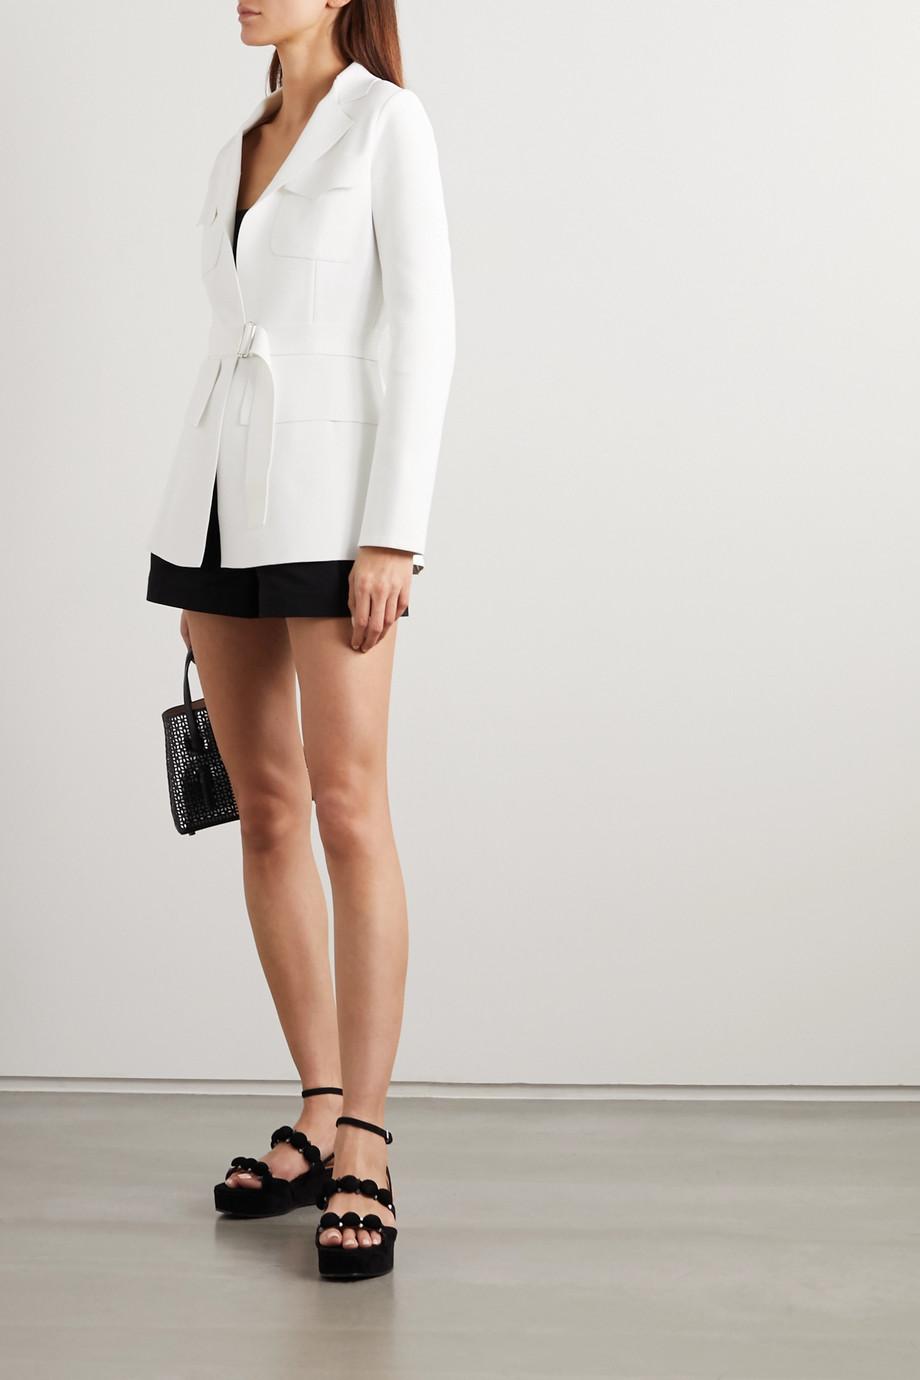 Alaïa Belted stretch-knit jacket